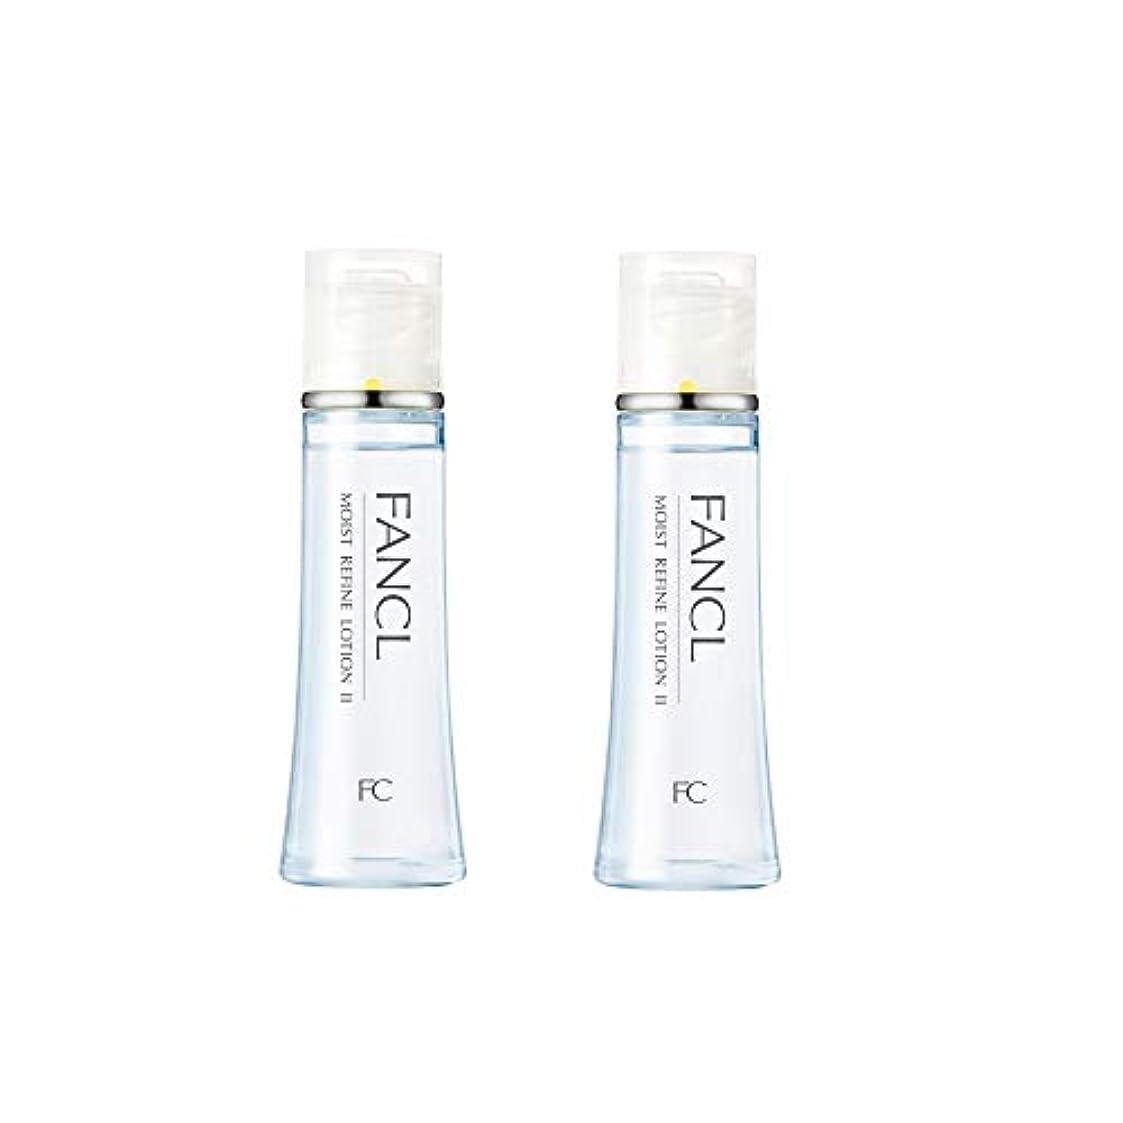 抑制するペイン組み込むファンケル (FANCL) モイストリファイン 化粧液II しっとり 2本セット 30mL×2 (約60日分)